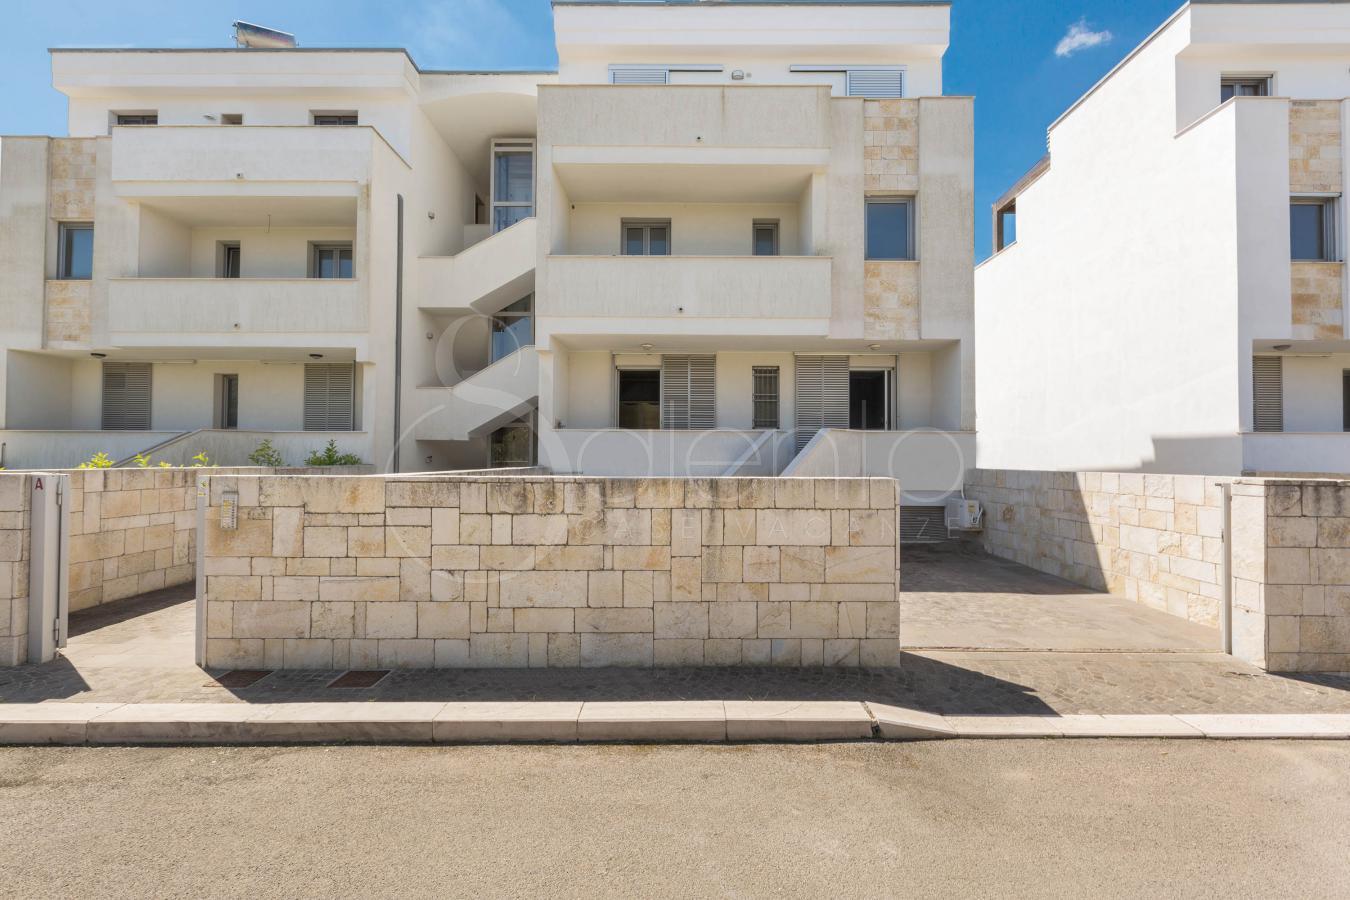 small villas - Porto Cesareo - Villetta della Luna